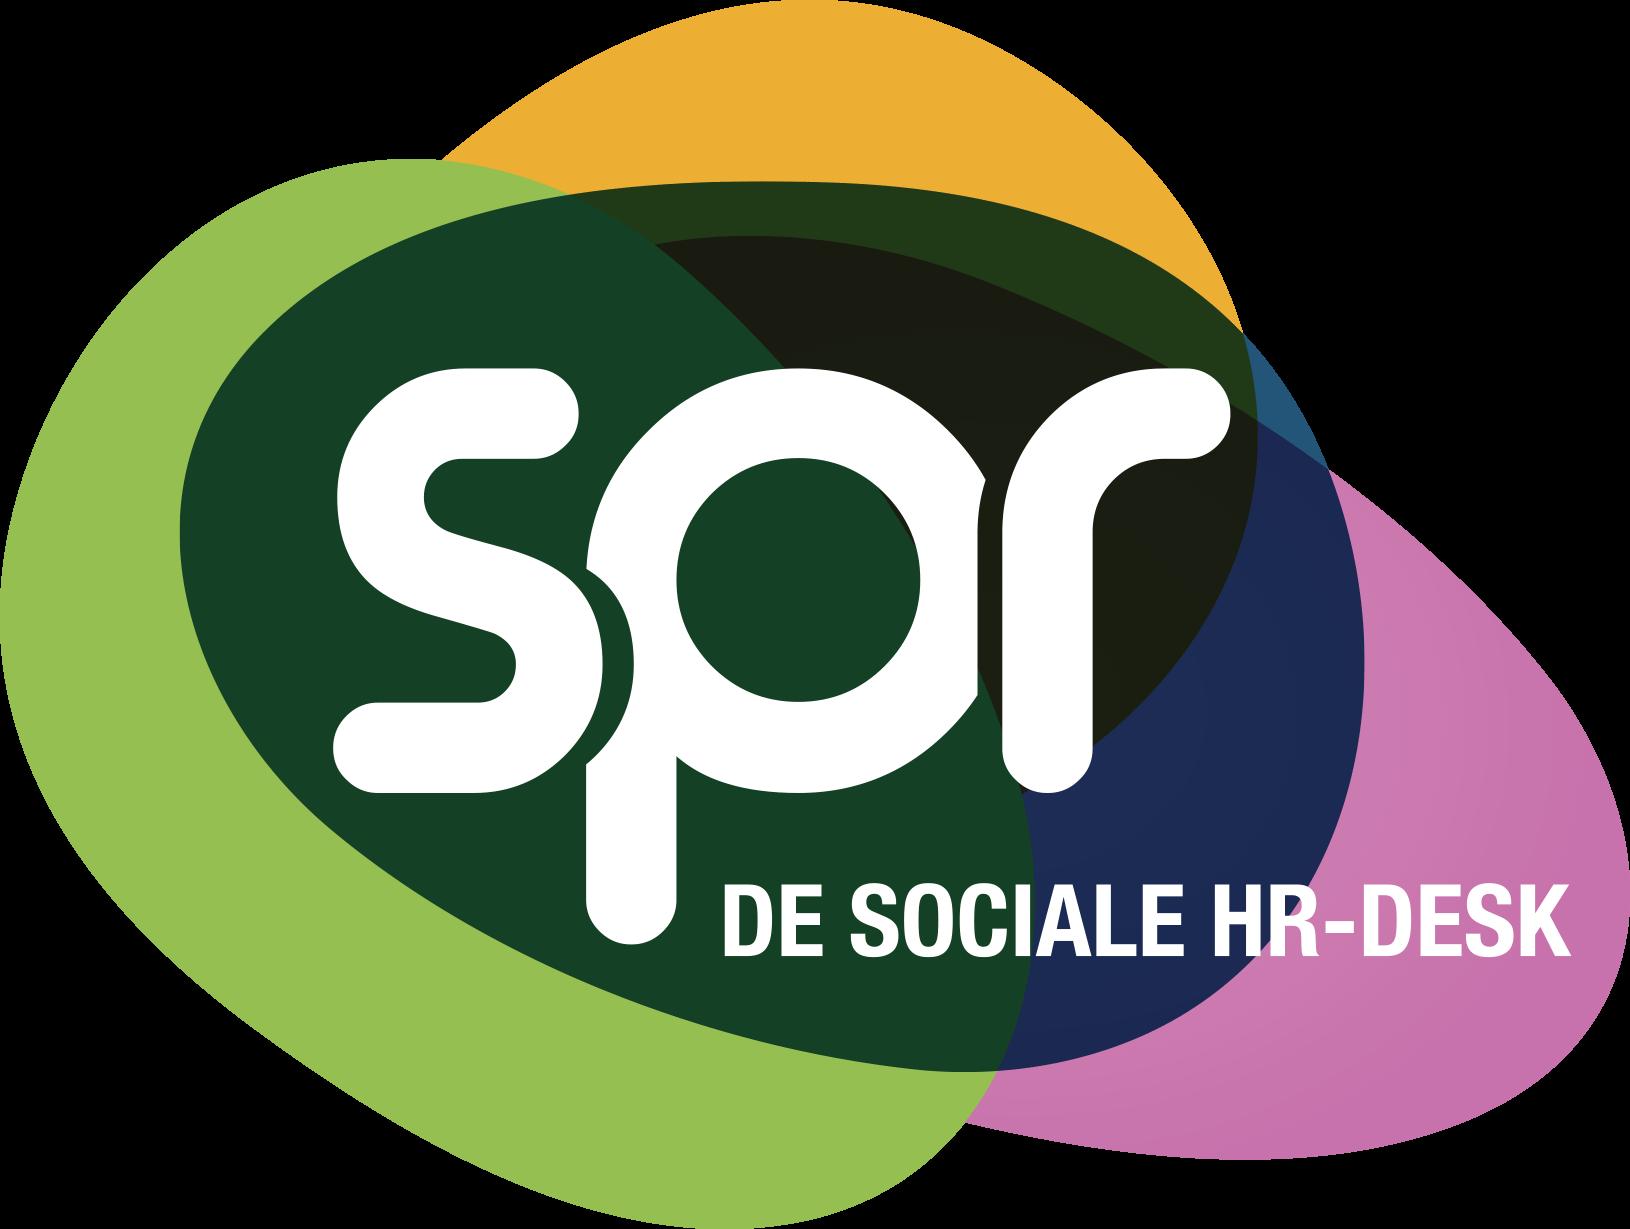 SPR-hr